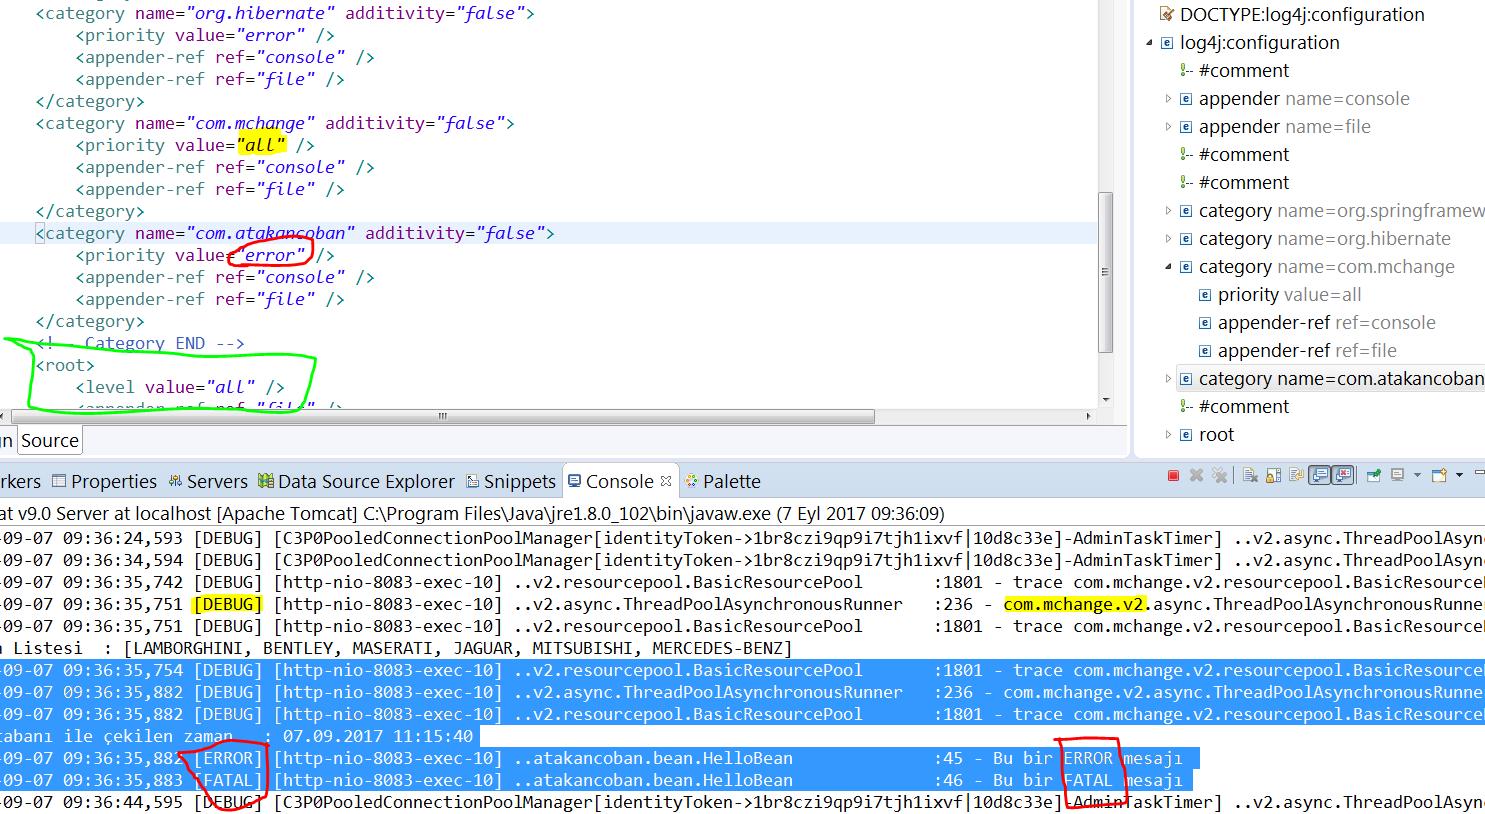 Spring log4j category düzenlenmesi örneği